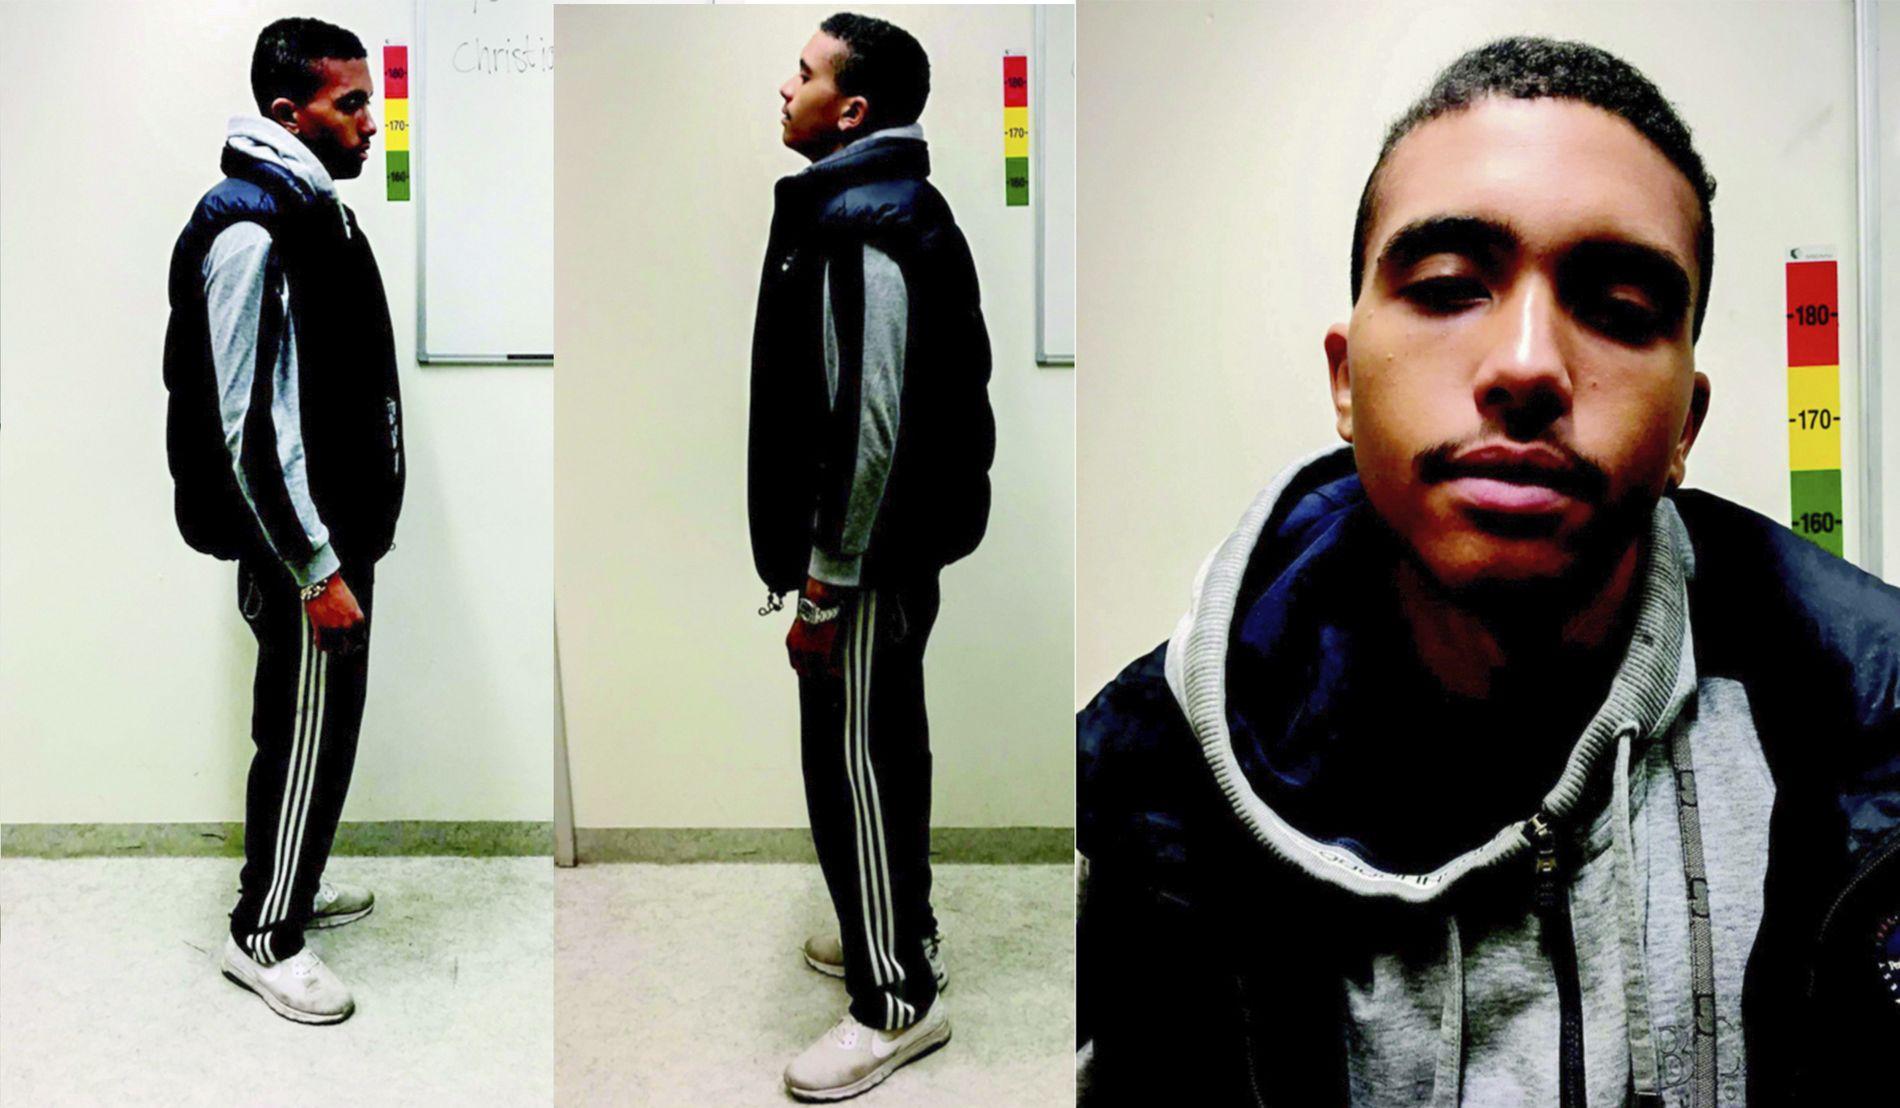 FENGSELSFOTO: Her er Makaveli Lindén fotografert av svensk politi etter at han ble tatt for et ran med kniv i et kollektiv i Uppsala i 2017. Foto: Politiet